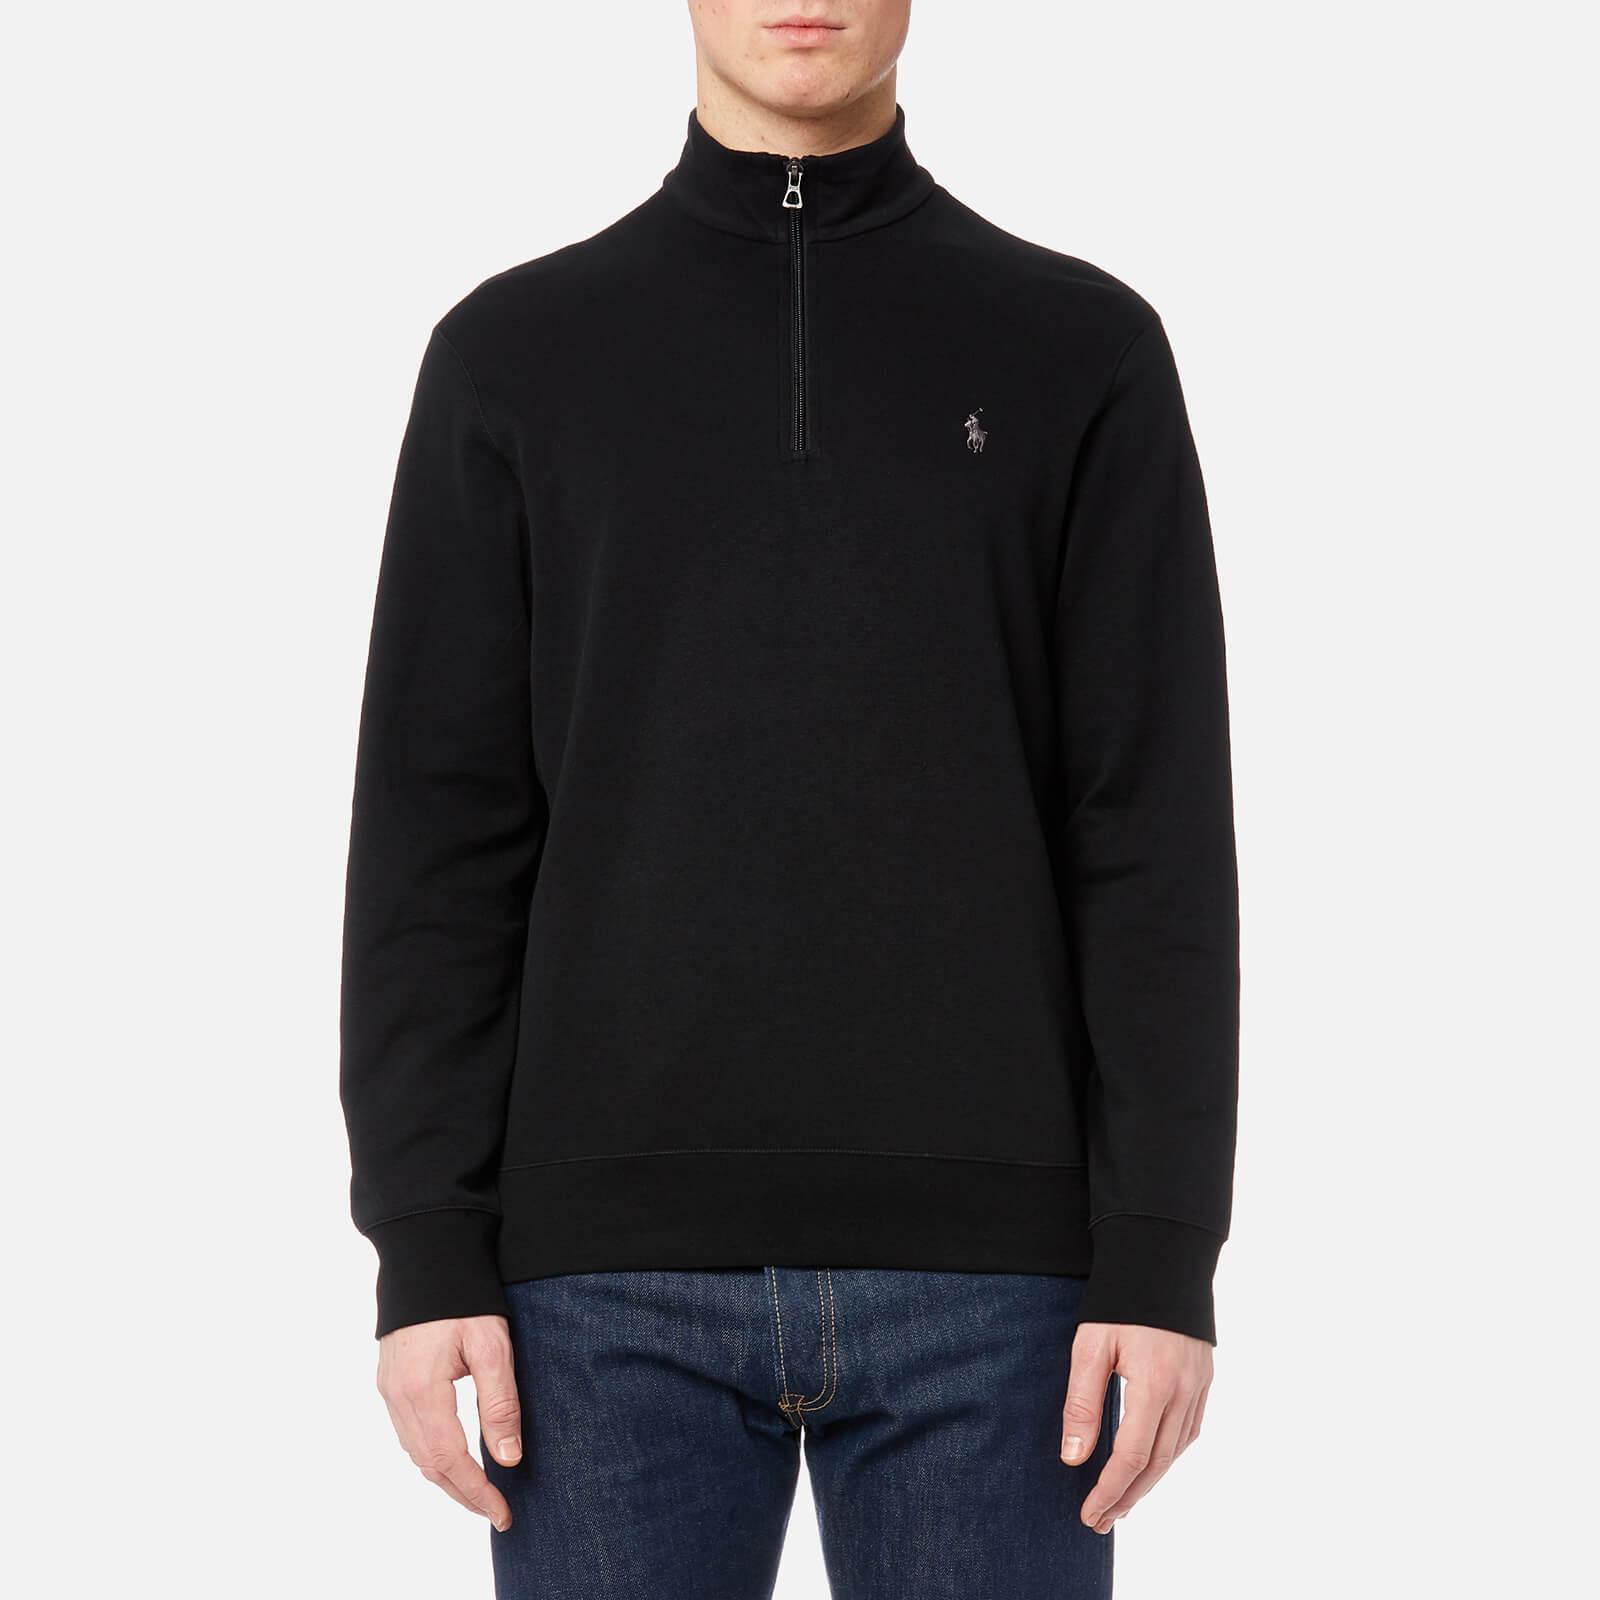 152fbad86a91f3 Polo Ralph Lauren Men's Half Zip Sweatshirt - Polo Black - Free UK Delivery  over £50